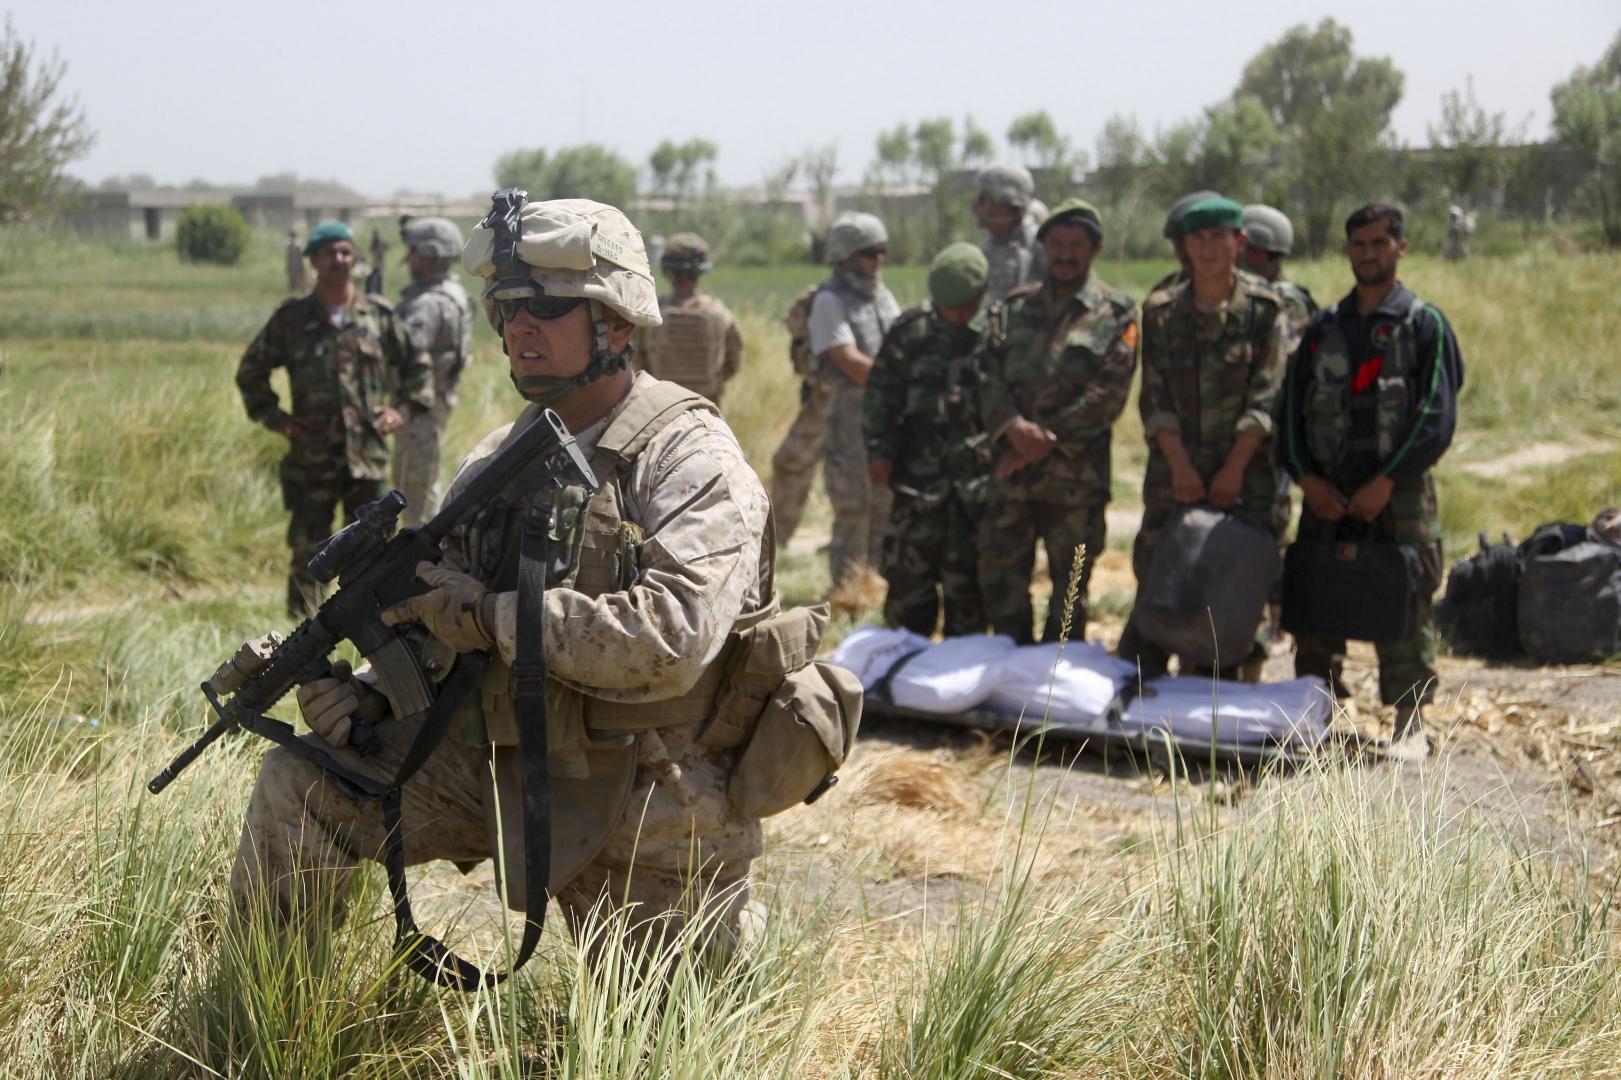 Американские военные охраняют афганских солдат и их убитого сослуживца